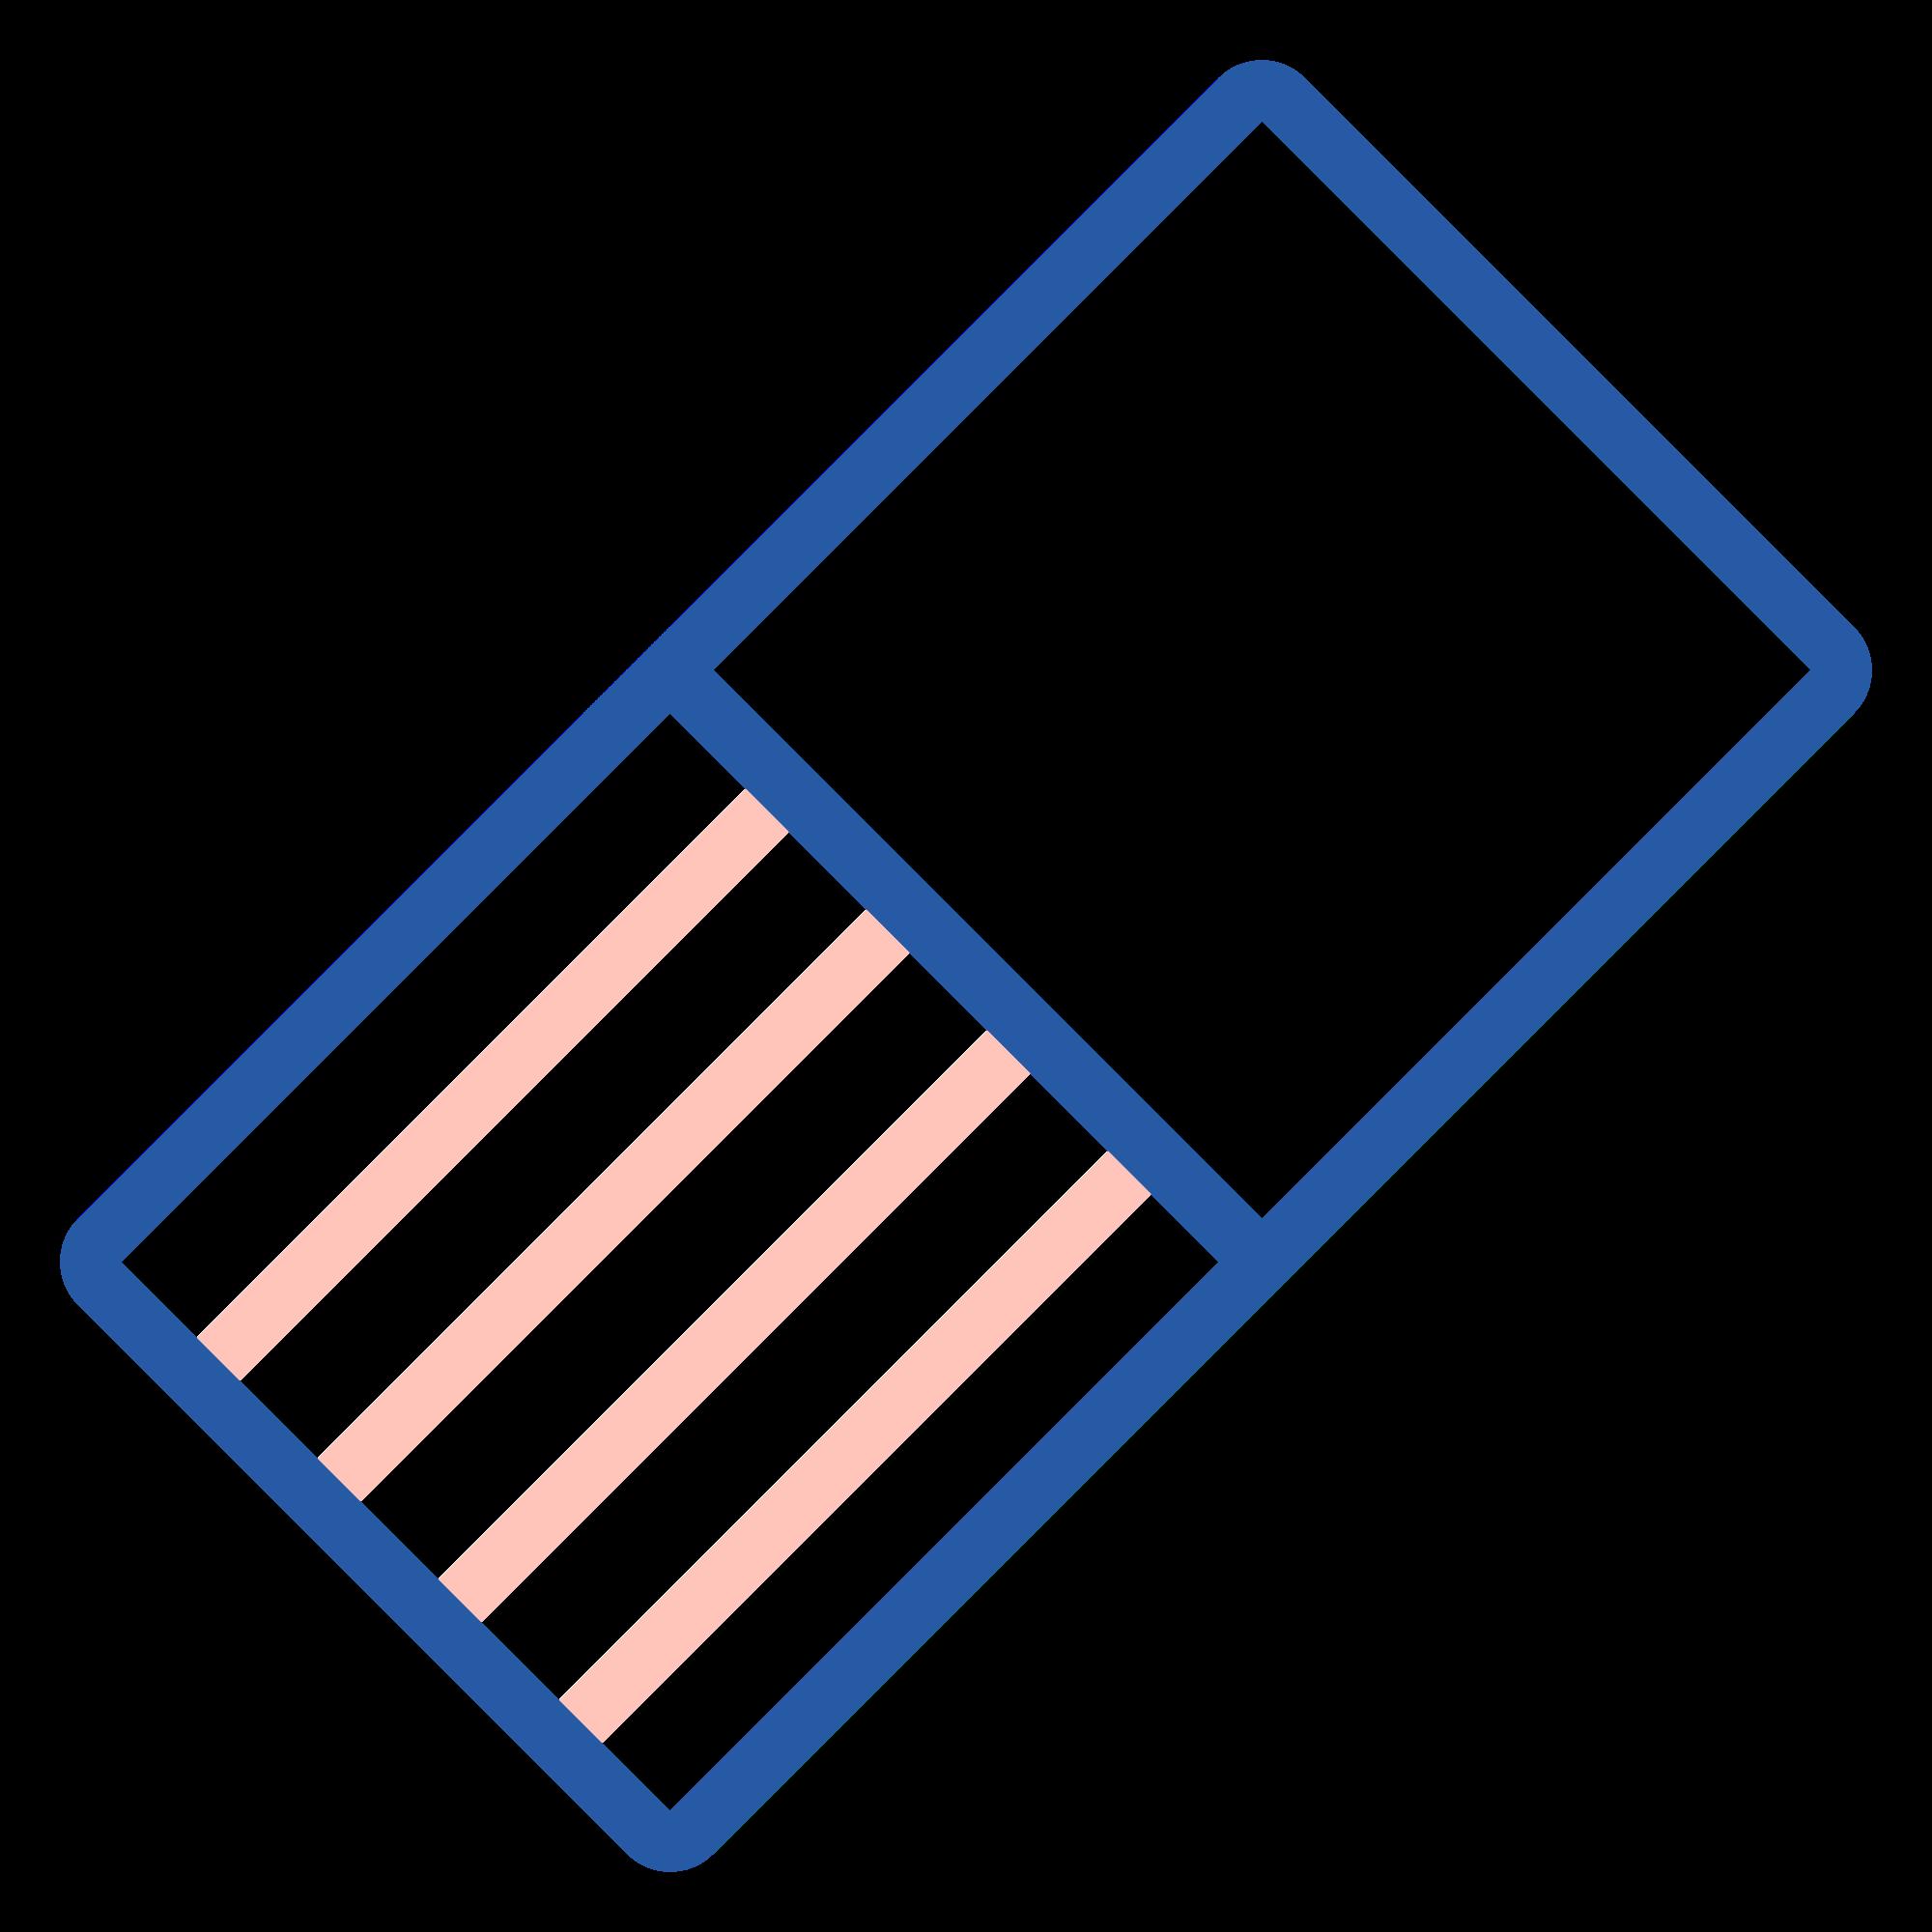 File toicon icon hatch. Eraser clipart dimension